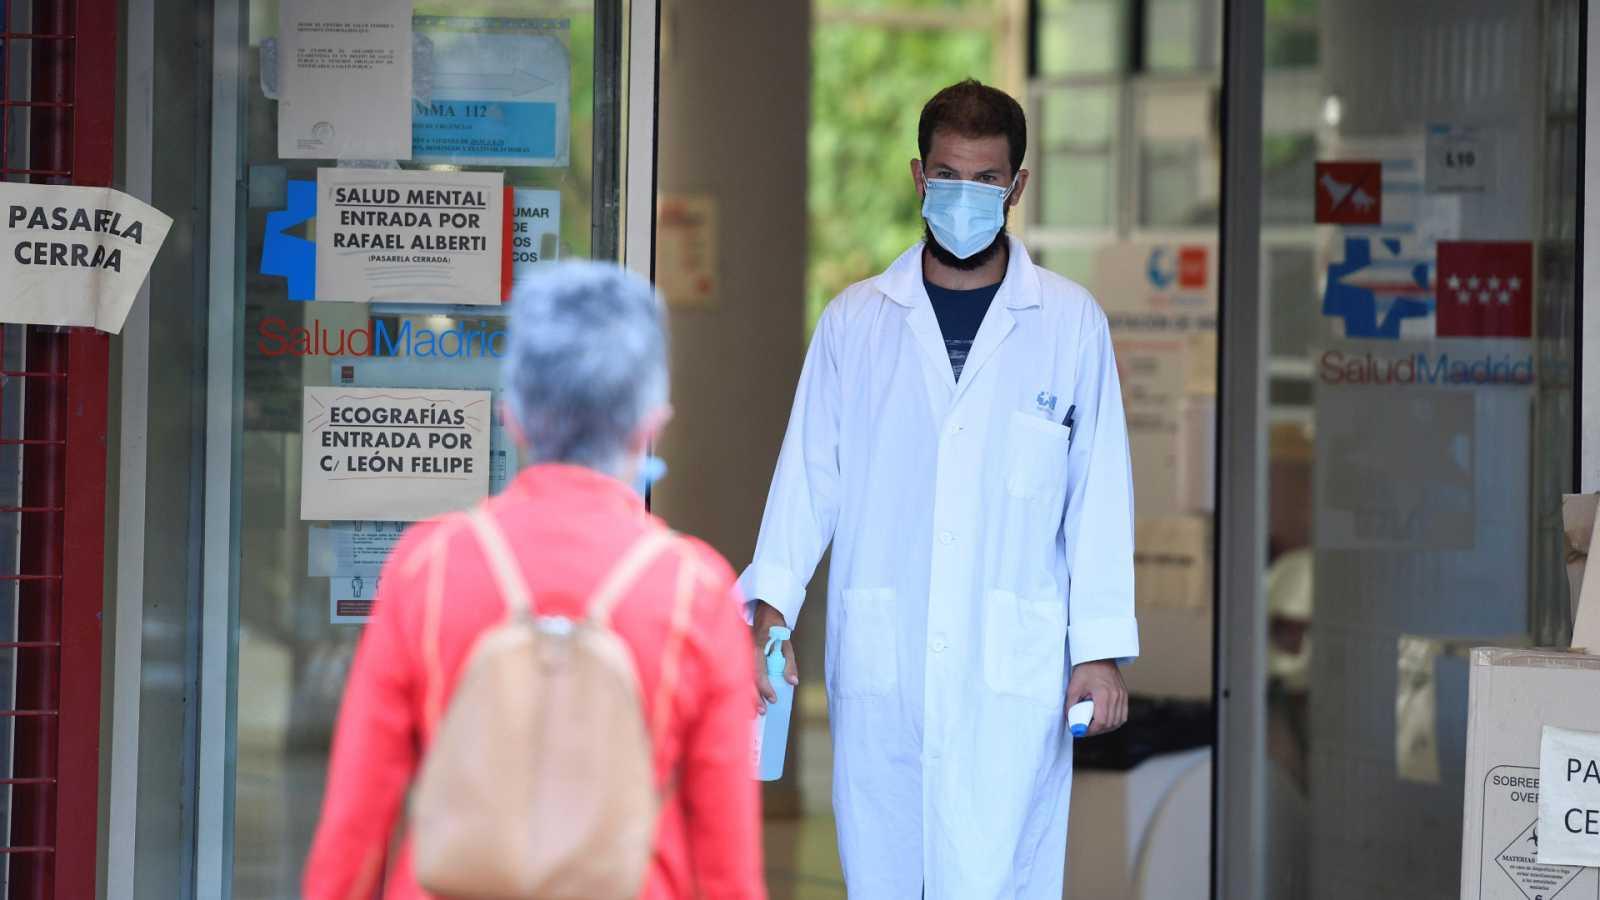 24 horas - Sanidad suma 130 fallecimientos y casi 11.300 nuevos contagios al cómputo global - Escuchar ahora